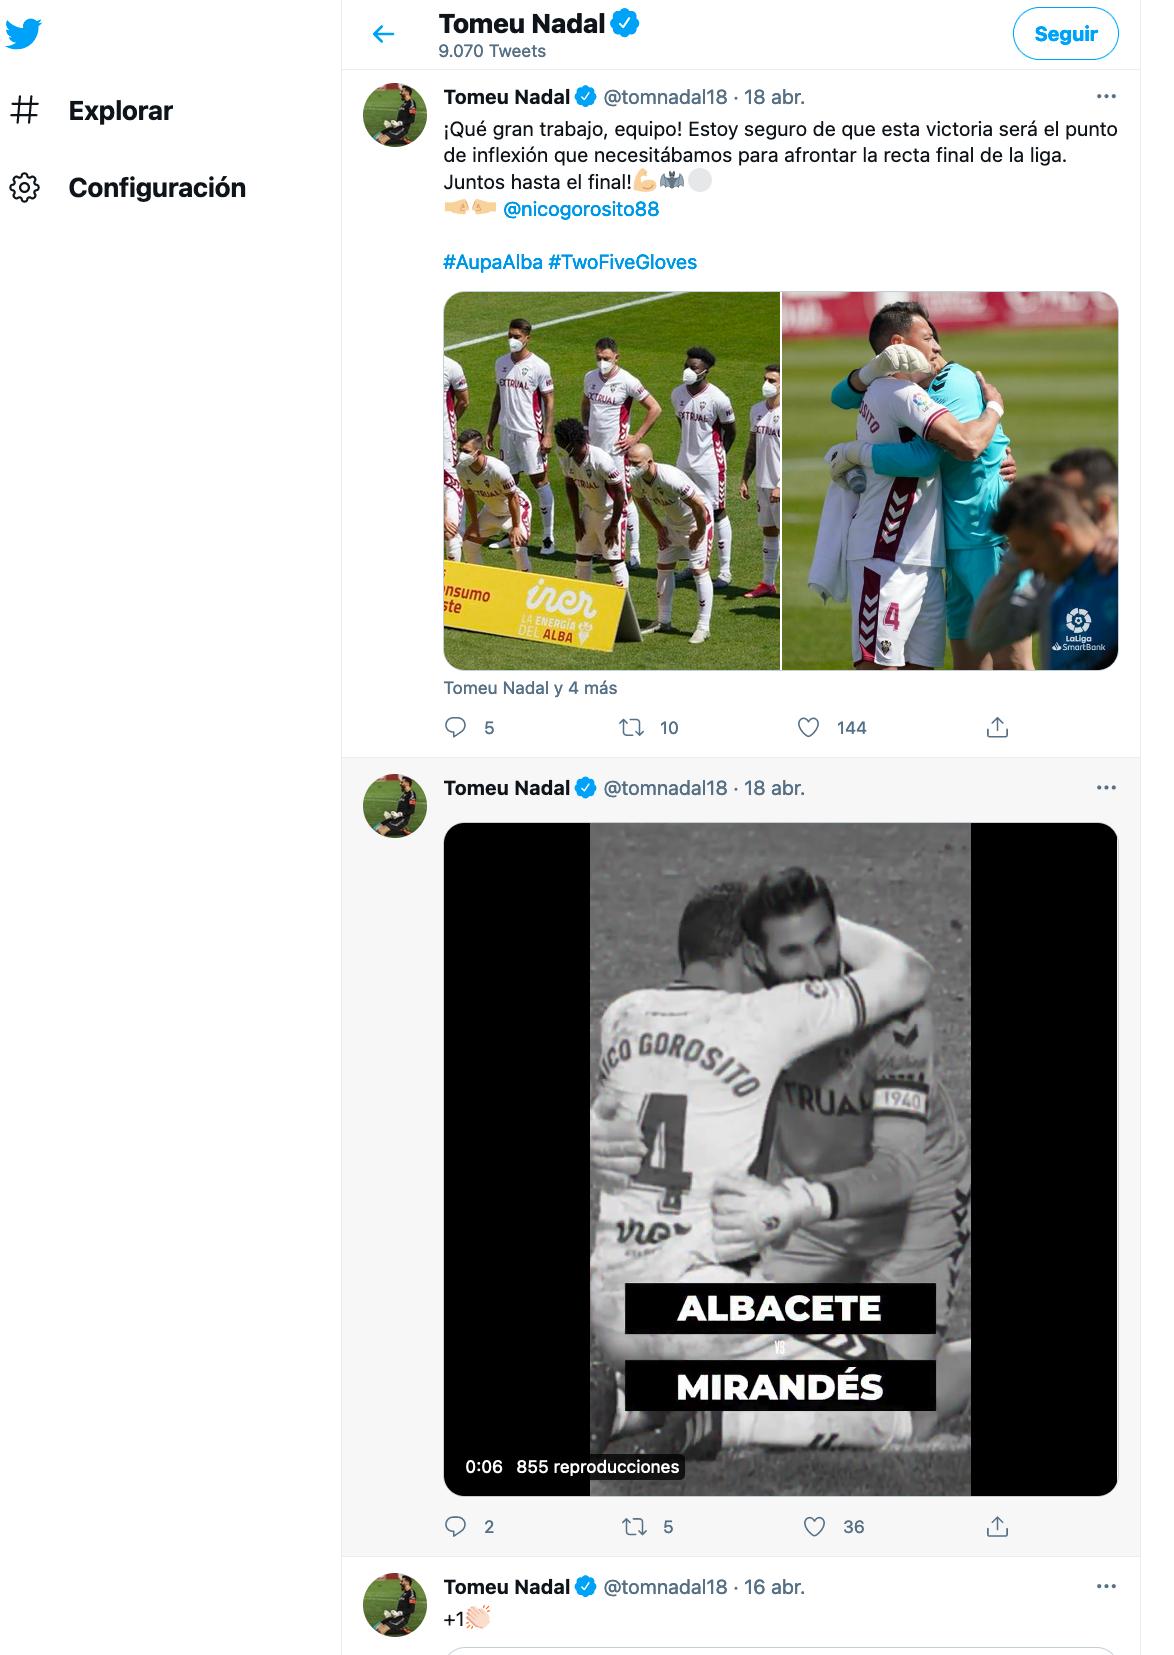 Imagen del twitter de Tomeu Nadal